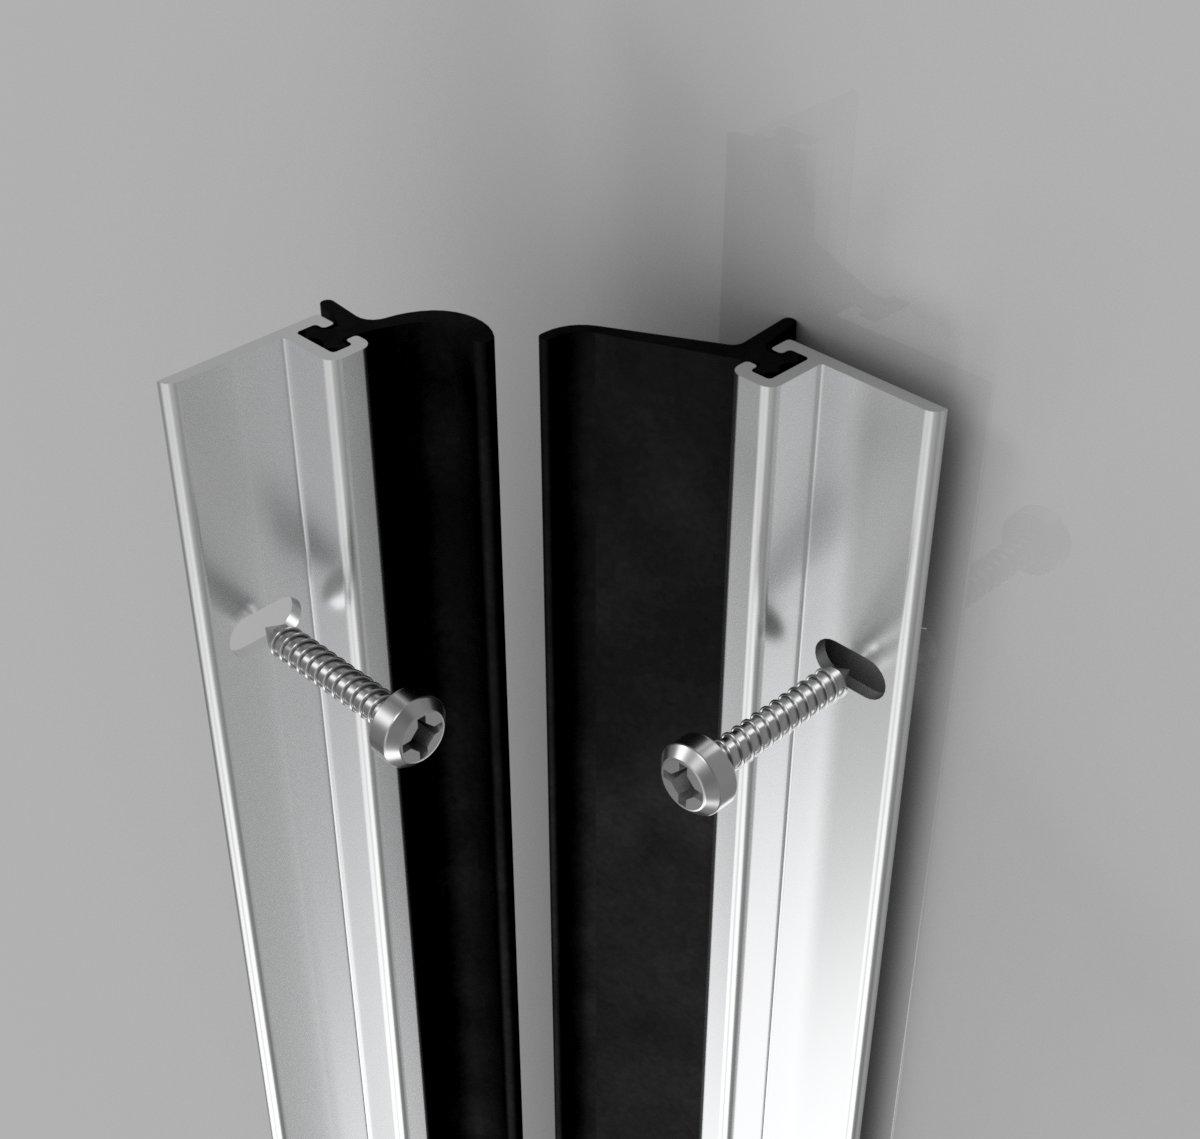 Heavy Duty Screw Fix Around Door Seal